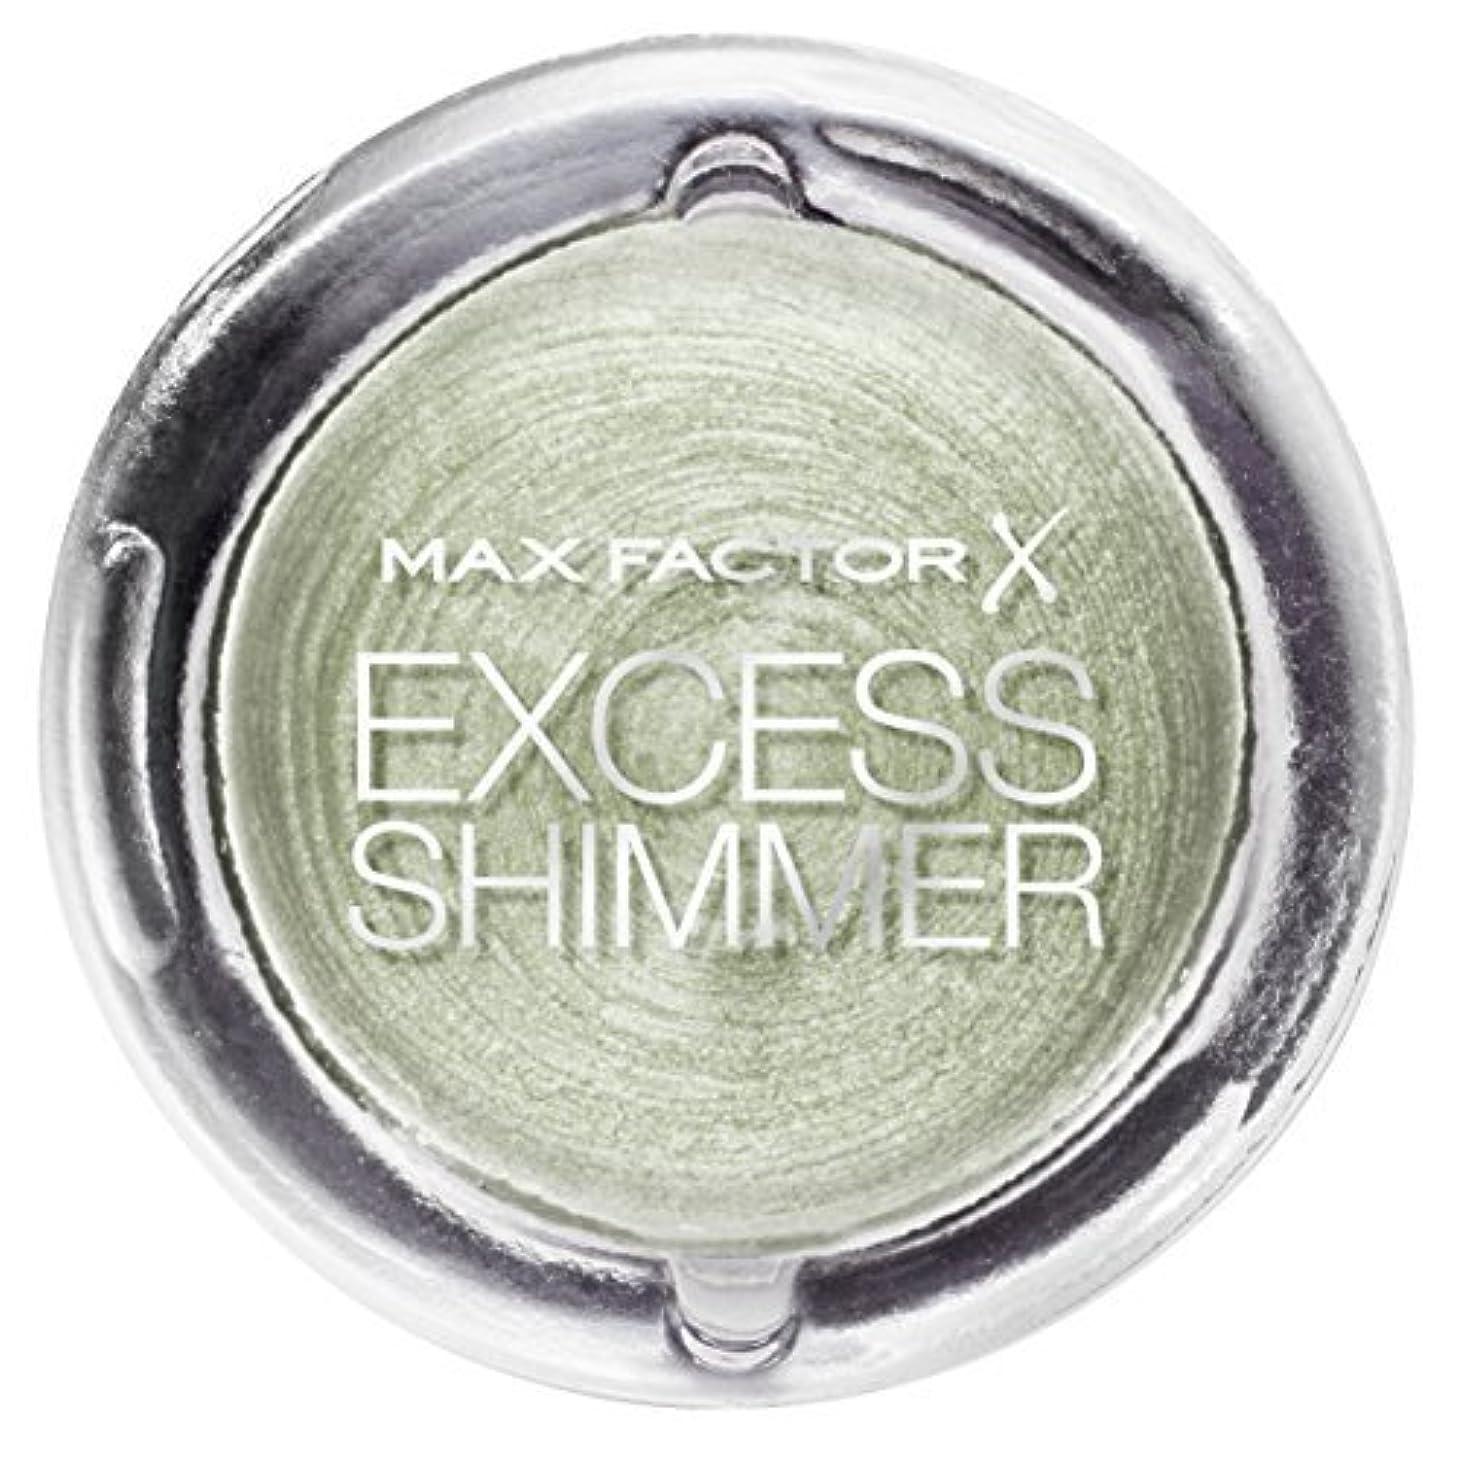 造船シャークイライラするMax Factor Excess Shimmer Eyeshadow in Pearl by Max Factor